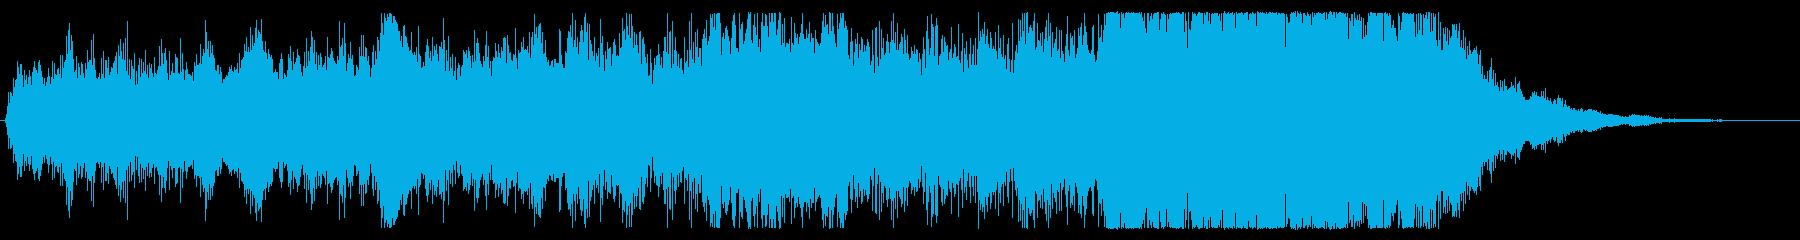 ジングル オーケストラ 壮大 勇壮の再生済みの波形